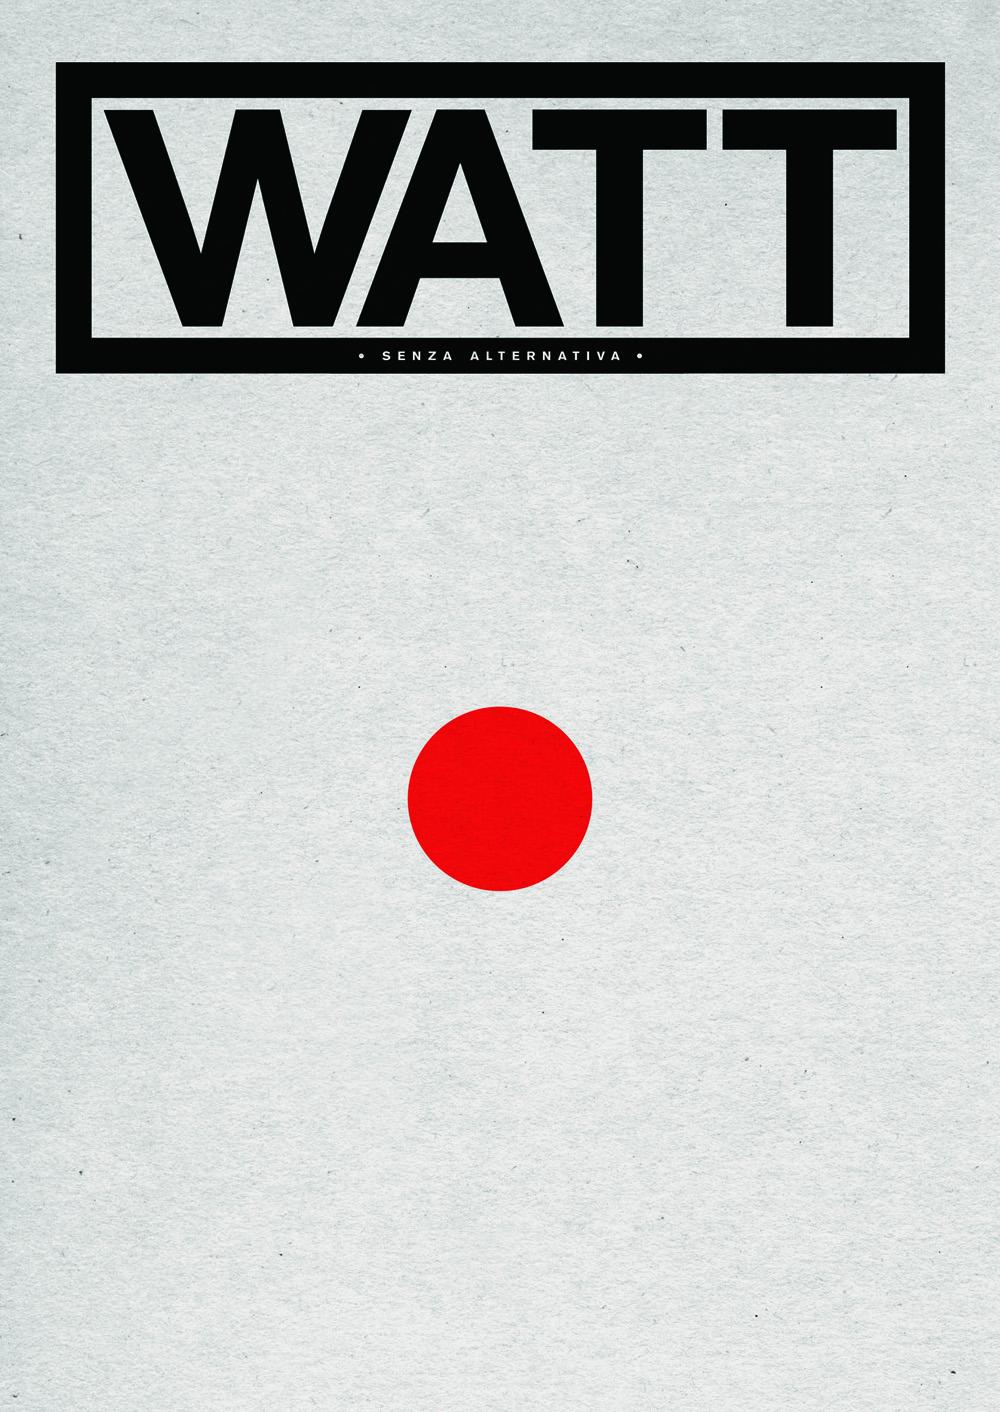 WATT_0_cover by Maurizio Ceccato